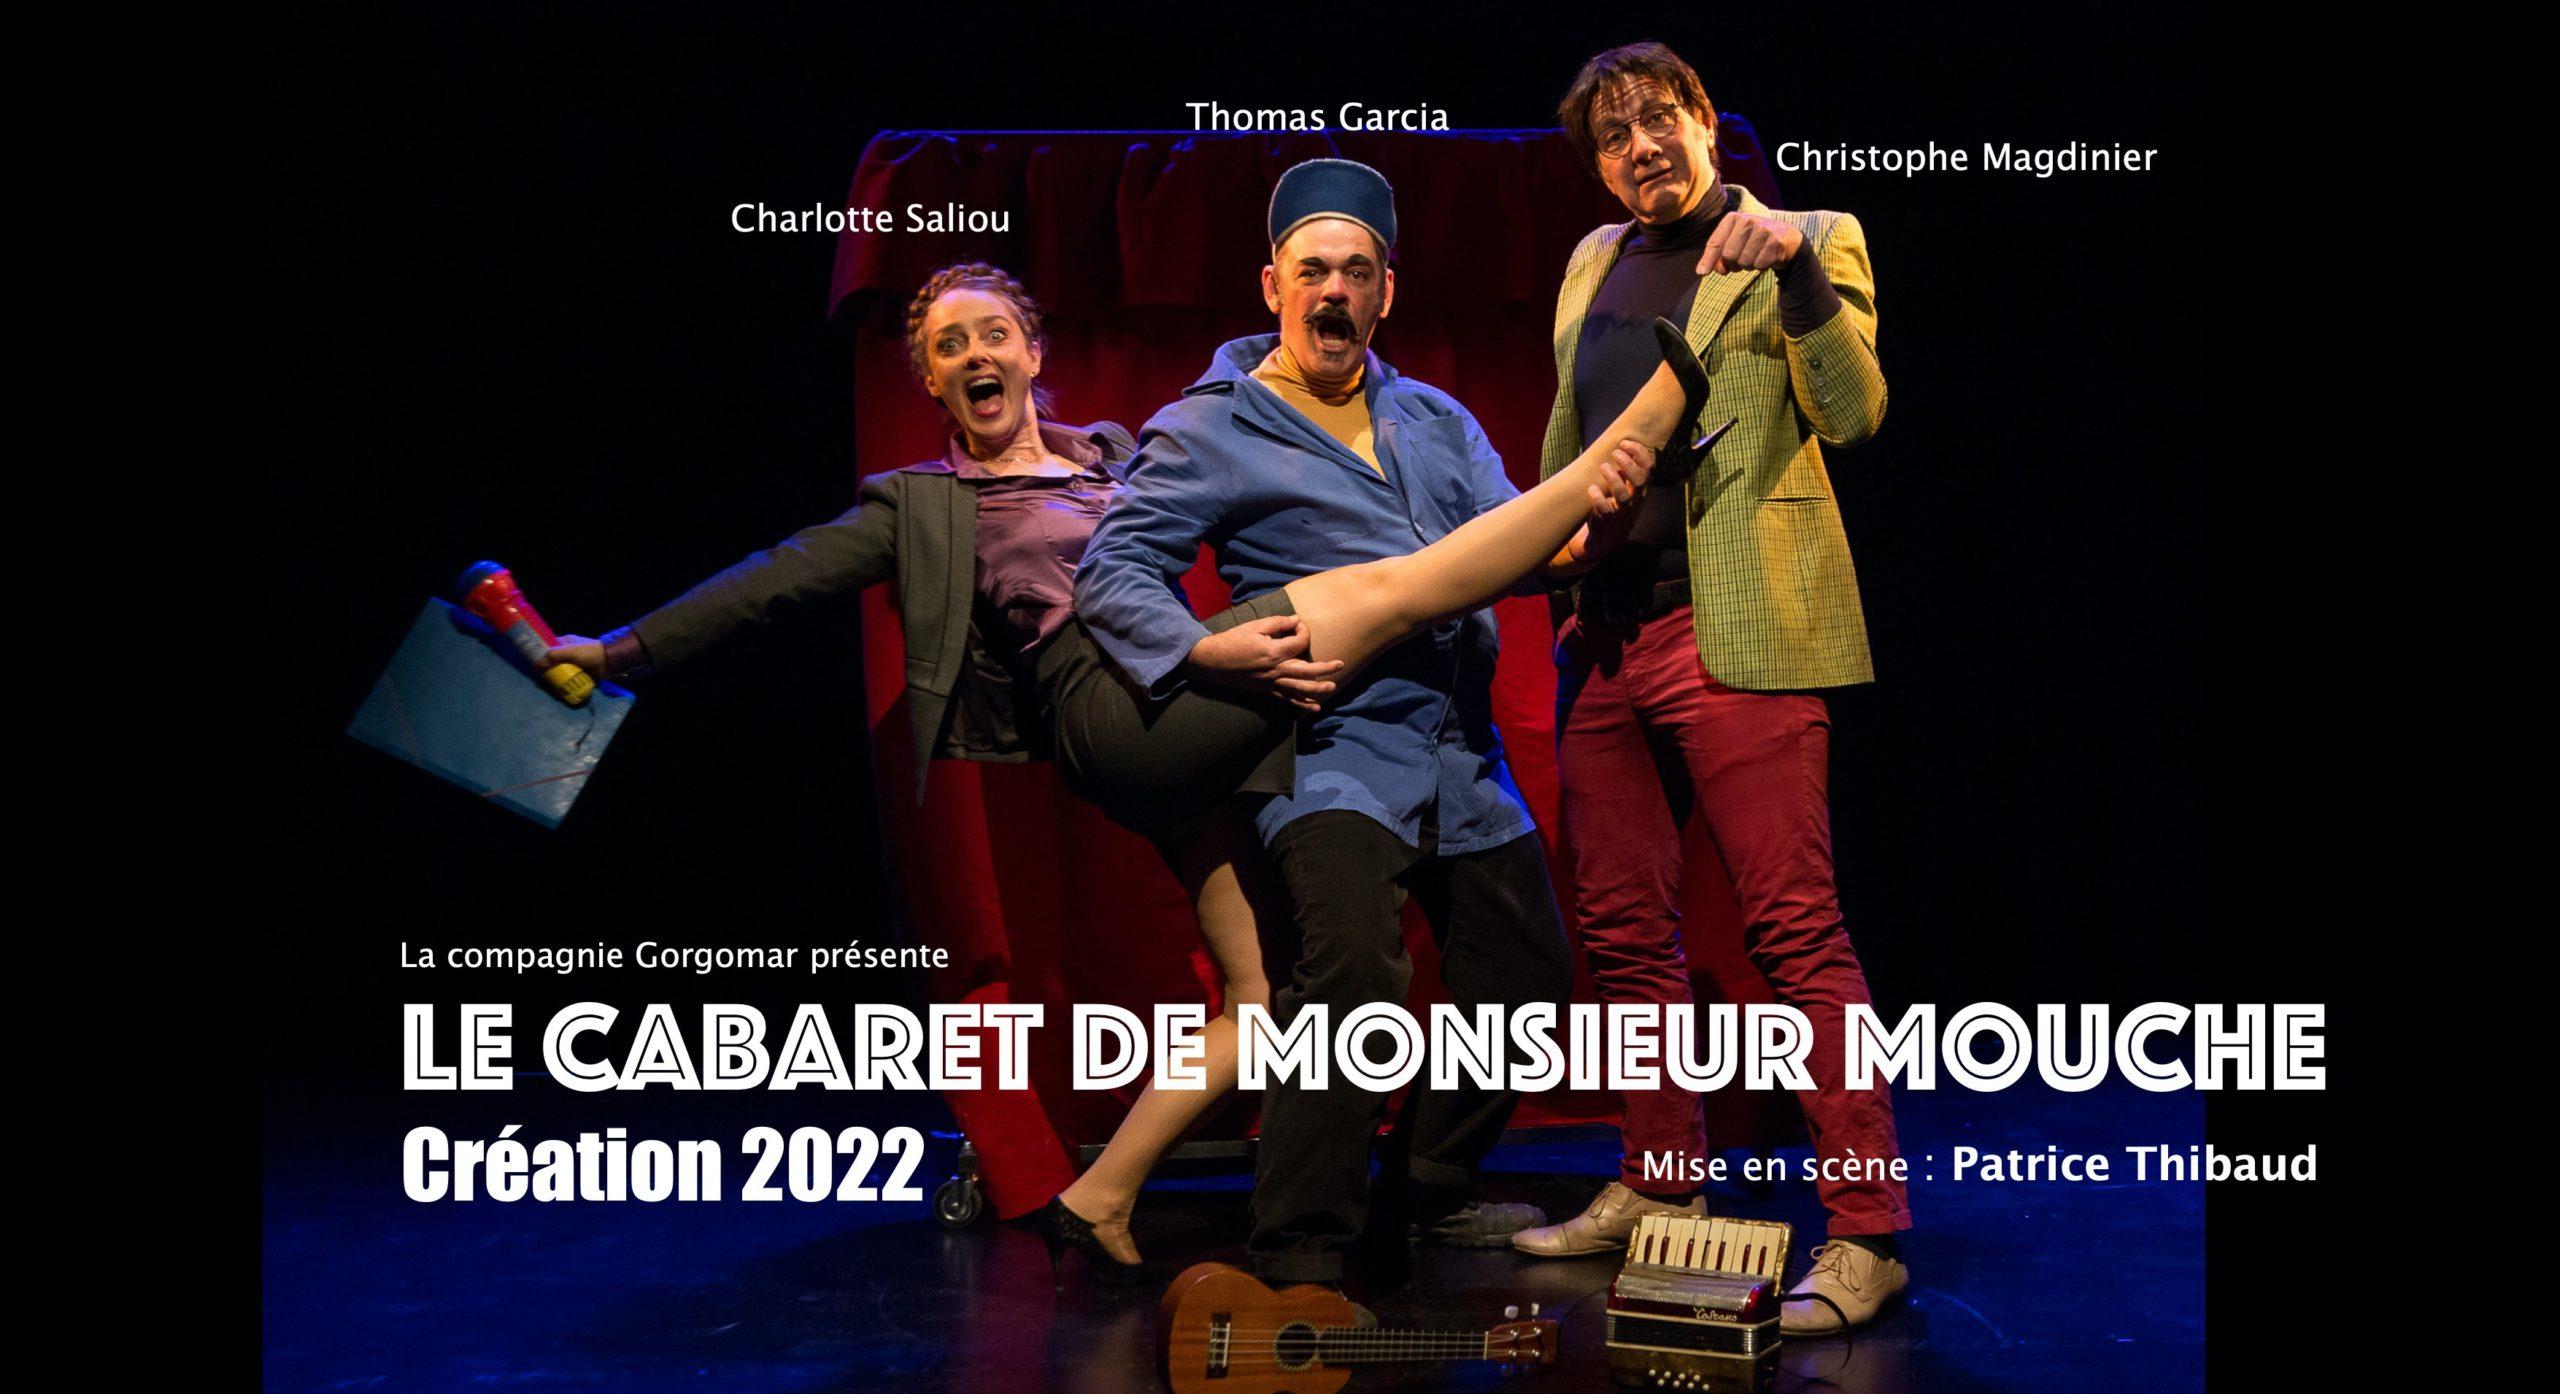 CABARET DE MONSIEUR MOUCHE